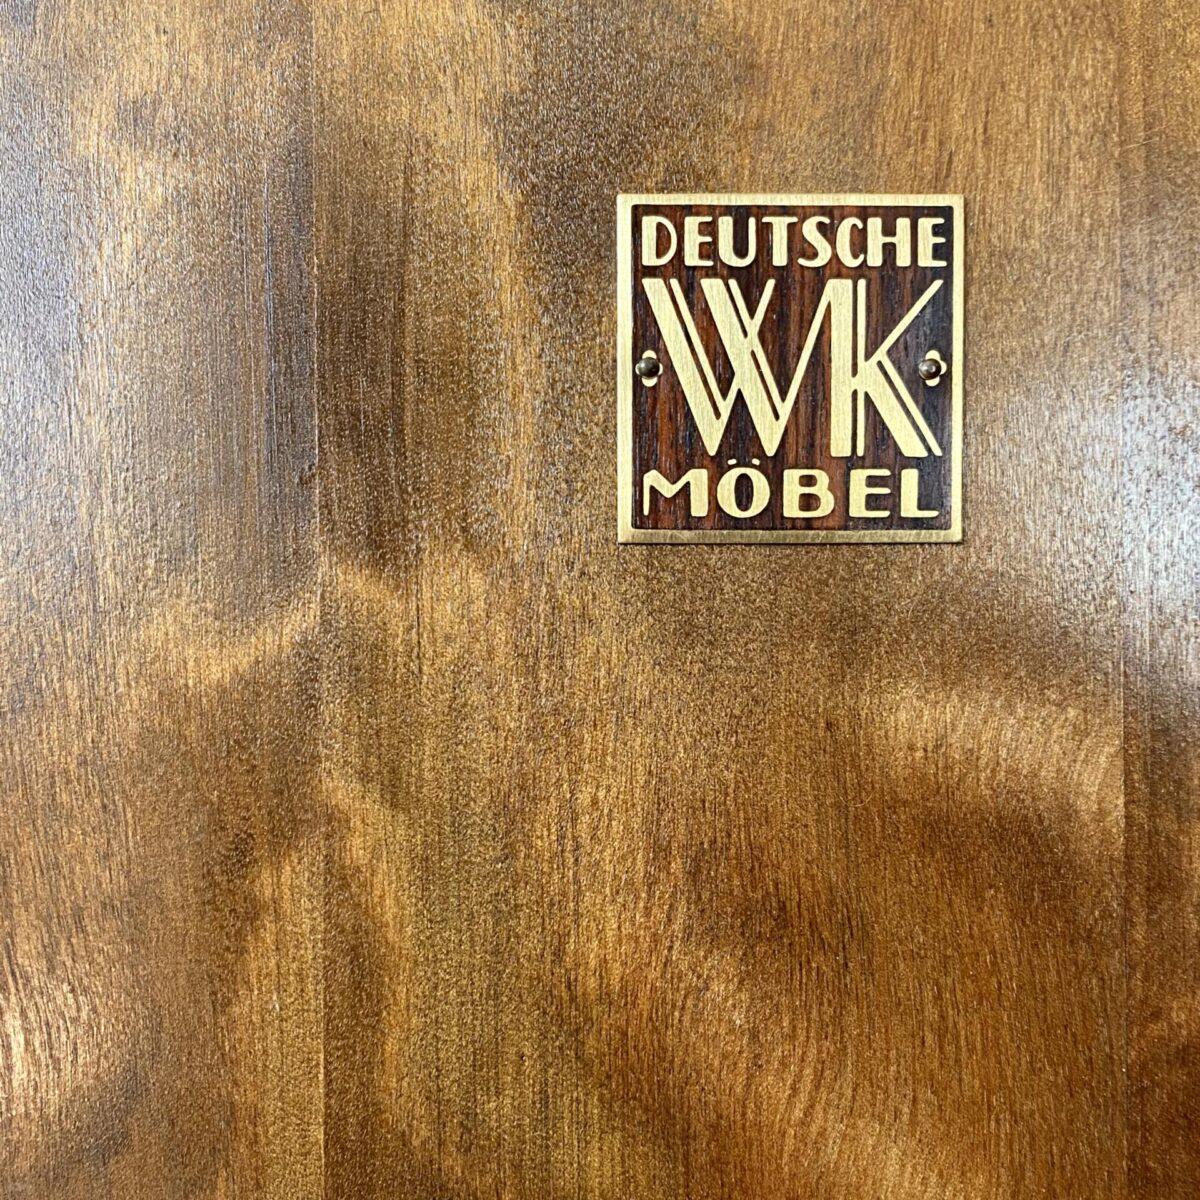 Deuxieme.shop Art déco Möbel Schellack Vitrine. Vitrine mit Tablaren und Glas Türen von WK Möbel. 112x34cm Höhe 165cm die tiefe des Schrank Innenraum misst 28cm. Das Möbel ist ideal für Geschirr, Gläser Vitrine, Ausstellungsstücke oder als Trophäen Schrank. Die Tablare sind höhenverstellbar. In den abschliessbaren Türen ist noch das alte Original Glas, mit der typischen leicht gewellten Oberfläche. Der Hochglanz Lack ist teilweise etwas rissig, auf den Tablaren hat's den einen oder anderen Ringförmigen Glasabdruck. Ansonsten alles in stabilem Zustand.